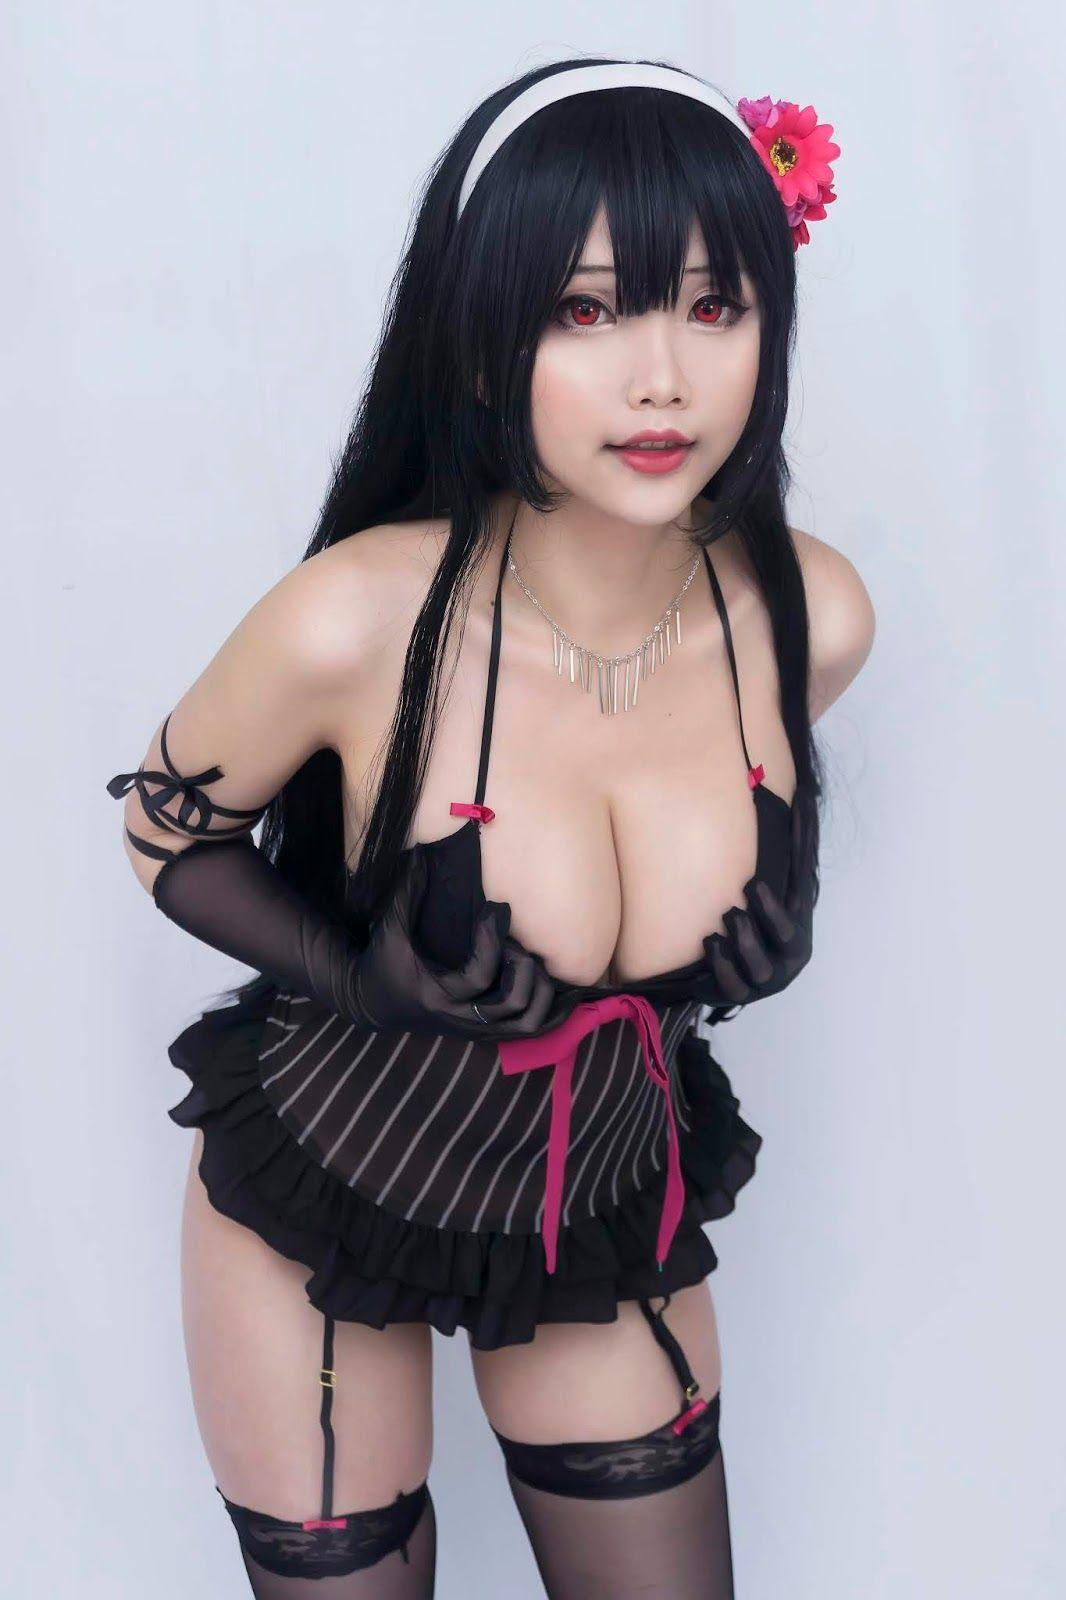 New porn 2020 Asian girl facial